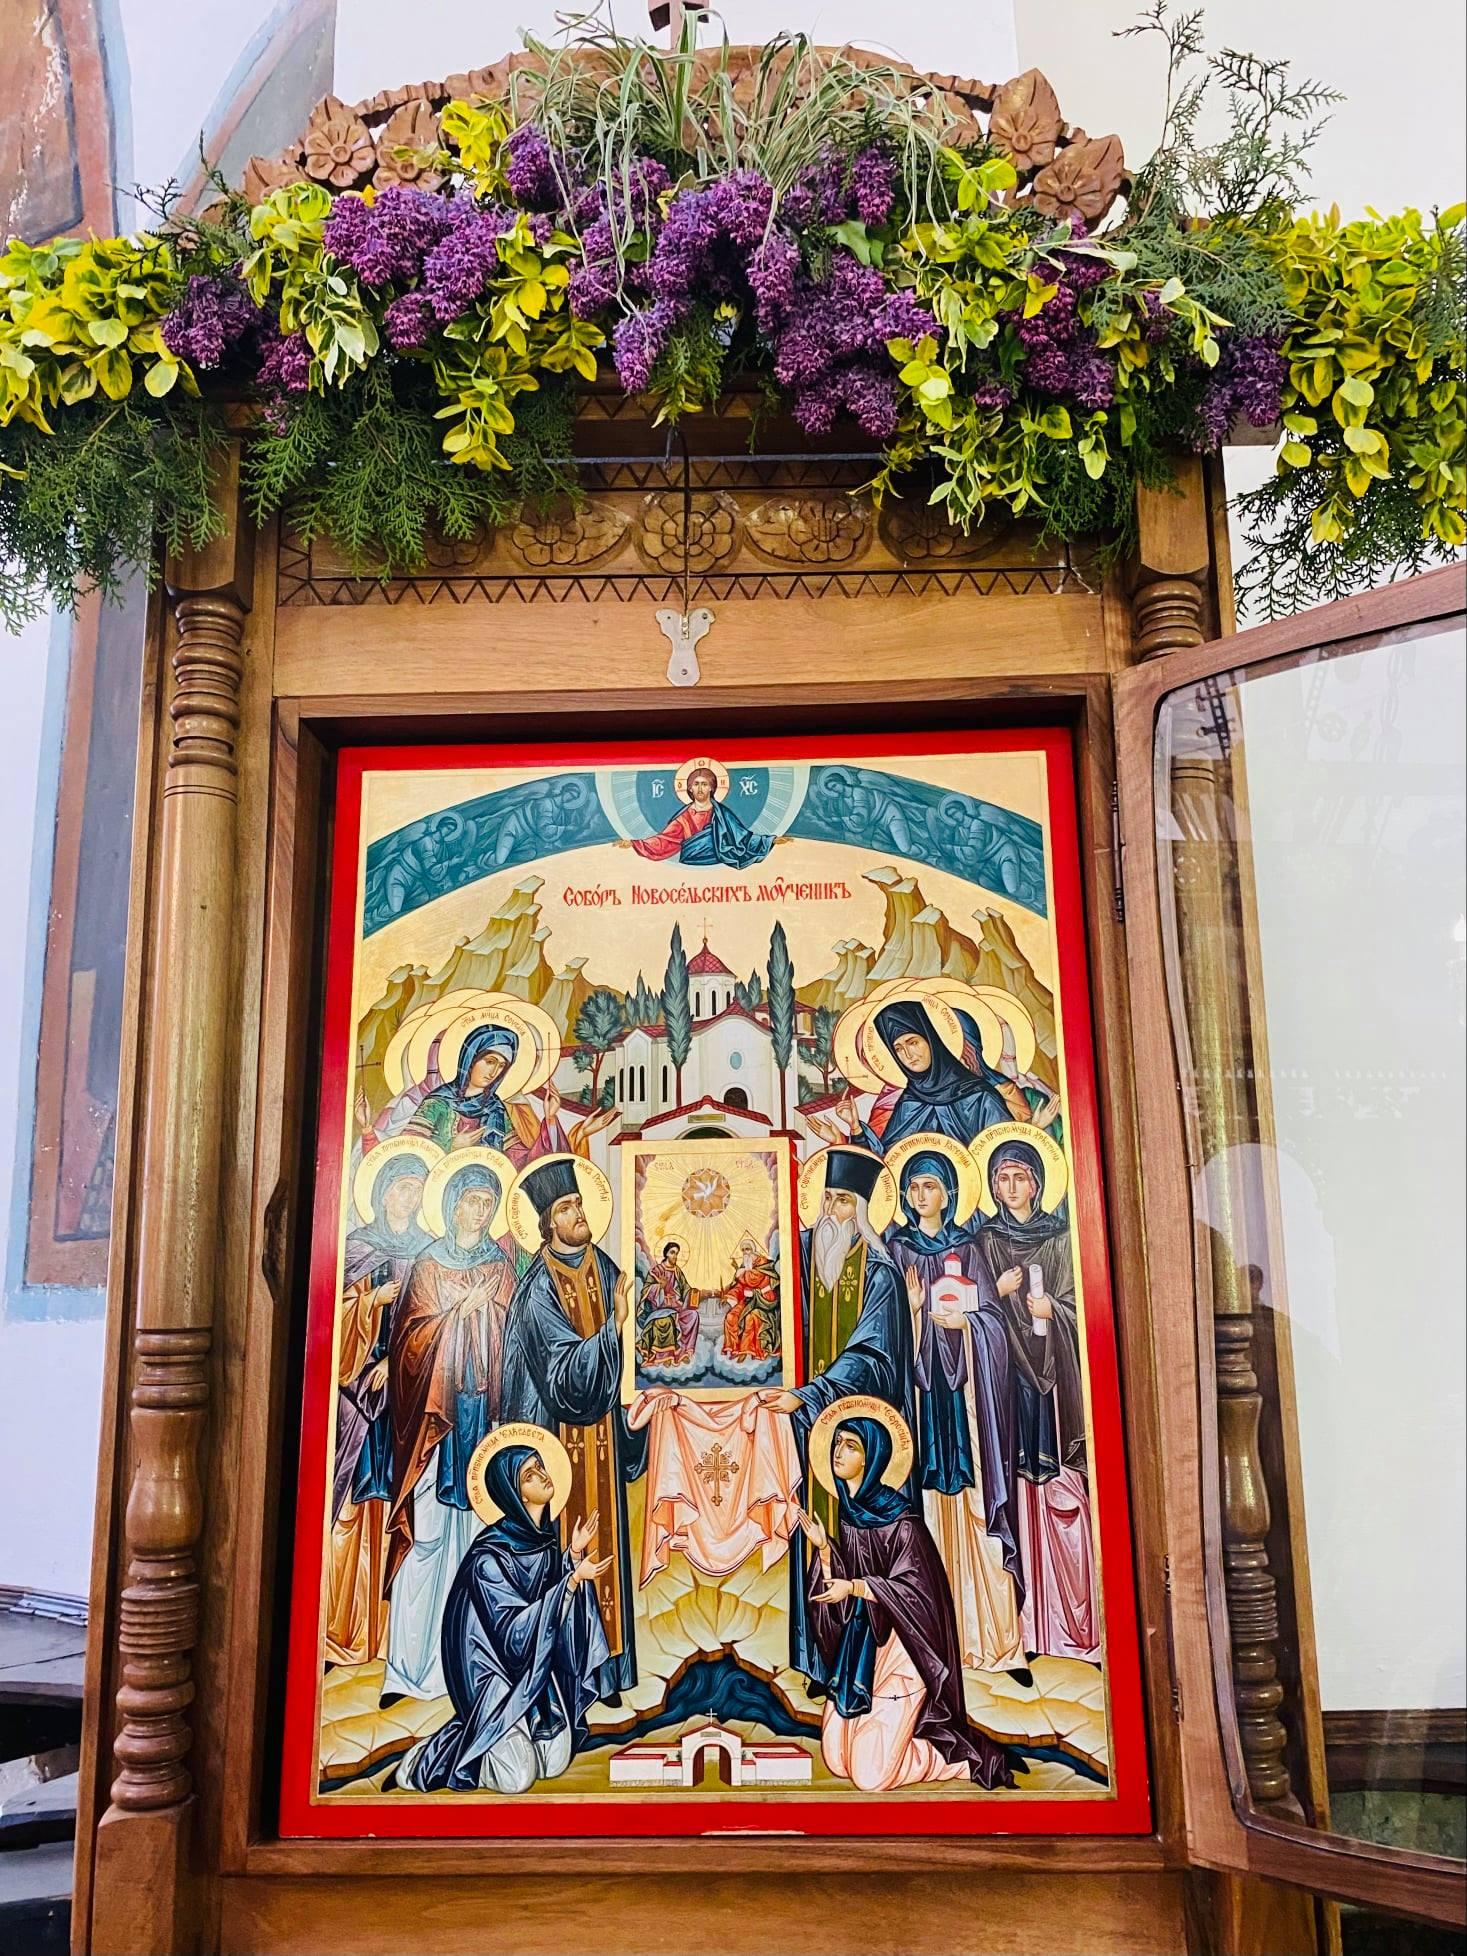 184027044_4198993423486938_7322605374585829956_n Всемирното Православие - Ловчанска епархия